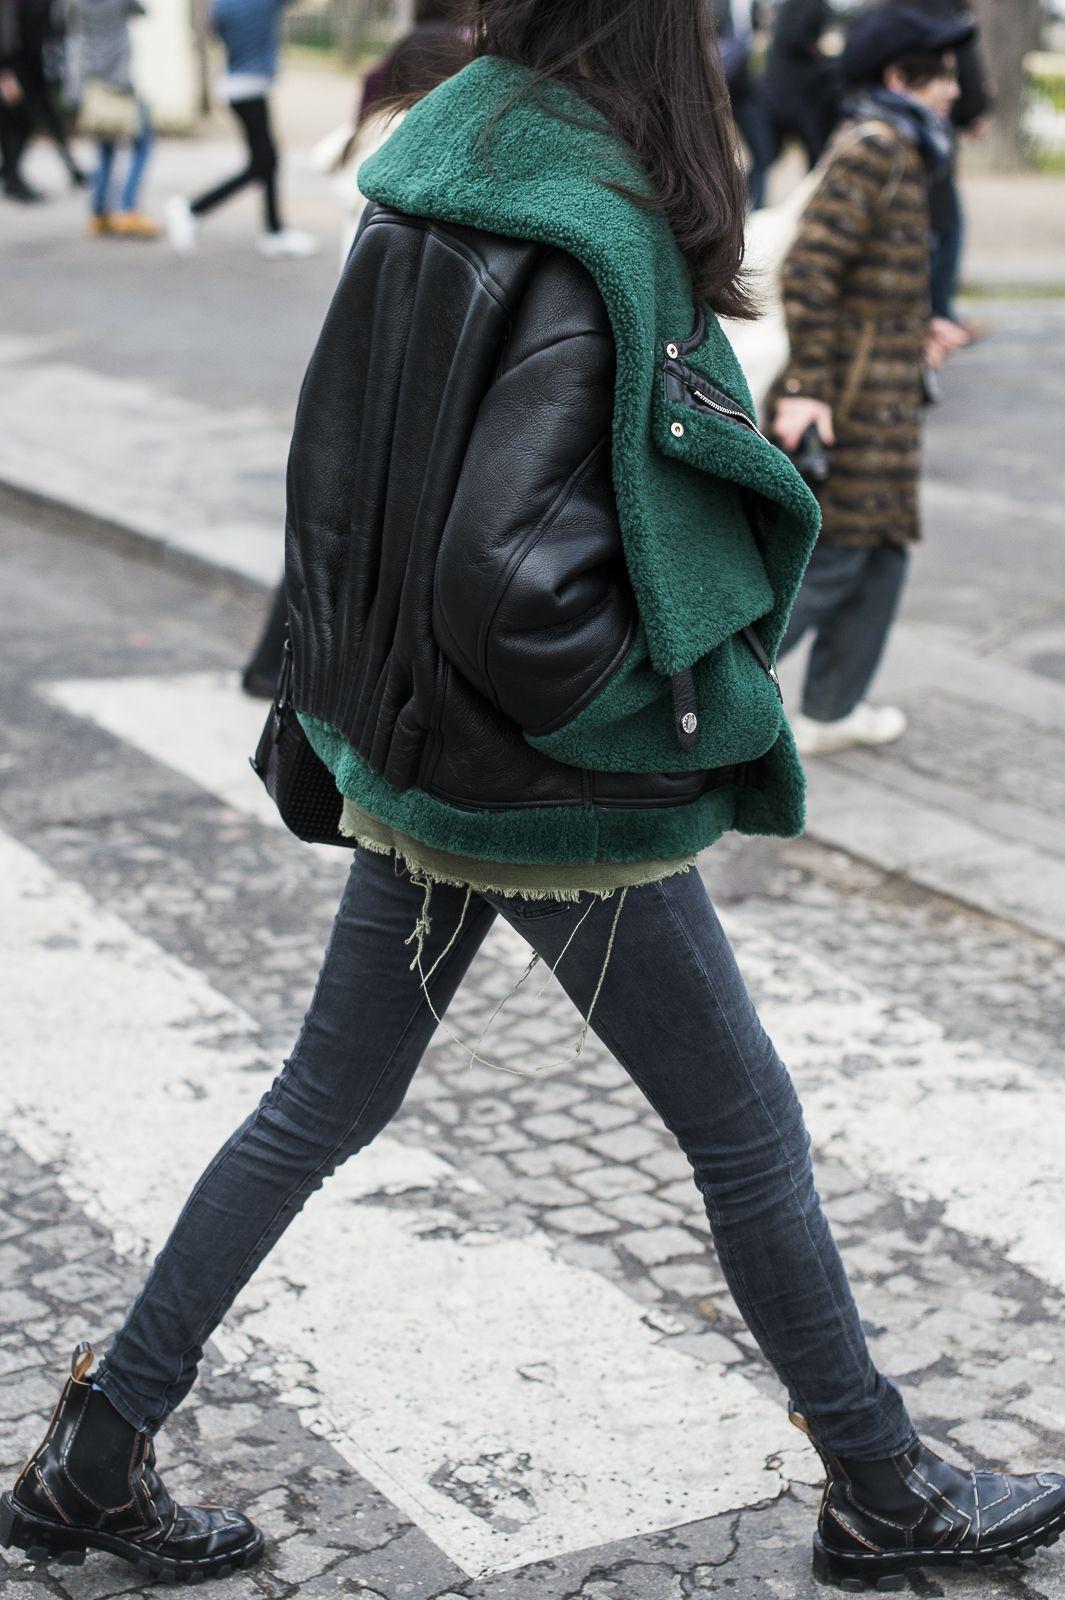 Emerald shearling leather jacket, winter clothing, leather jacket, street fashion